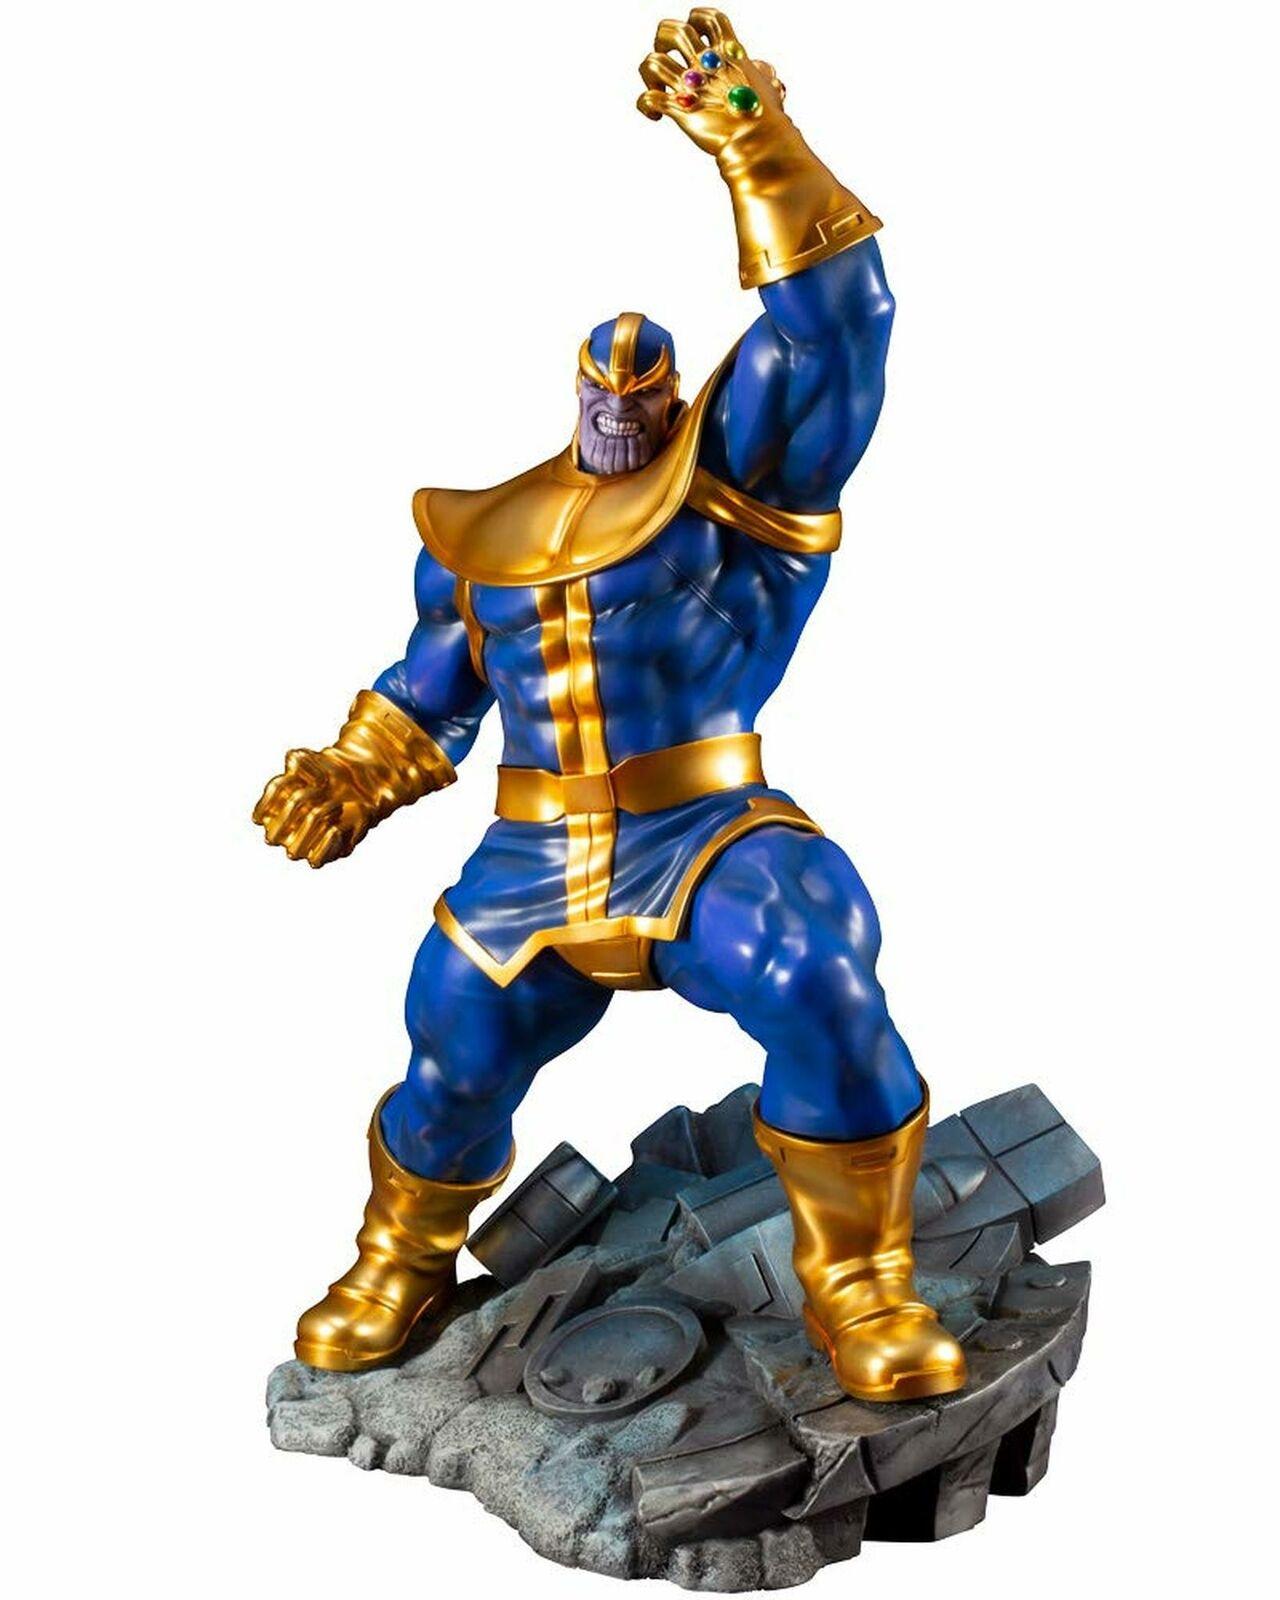 Marvel Comics Avengers Thanos  Infinity Gauntlet ARTFX + Statues 1 10 Kotobukiya  produit de qualité d'approvisionnement